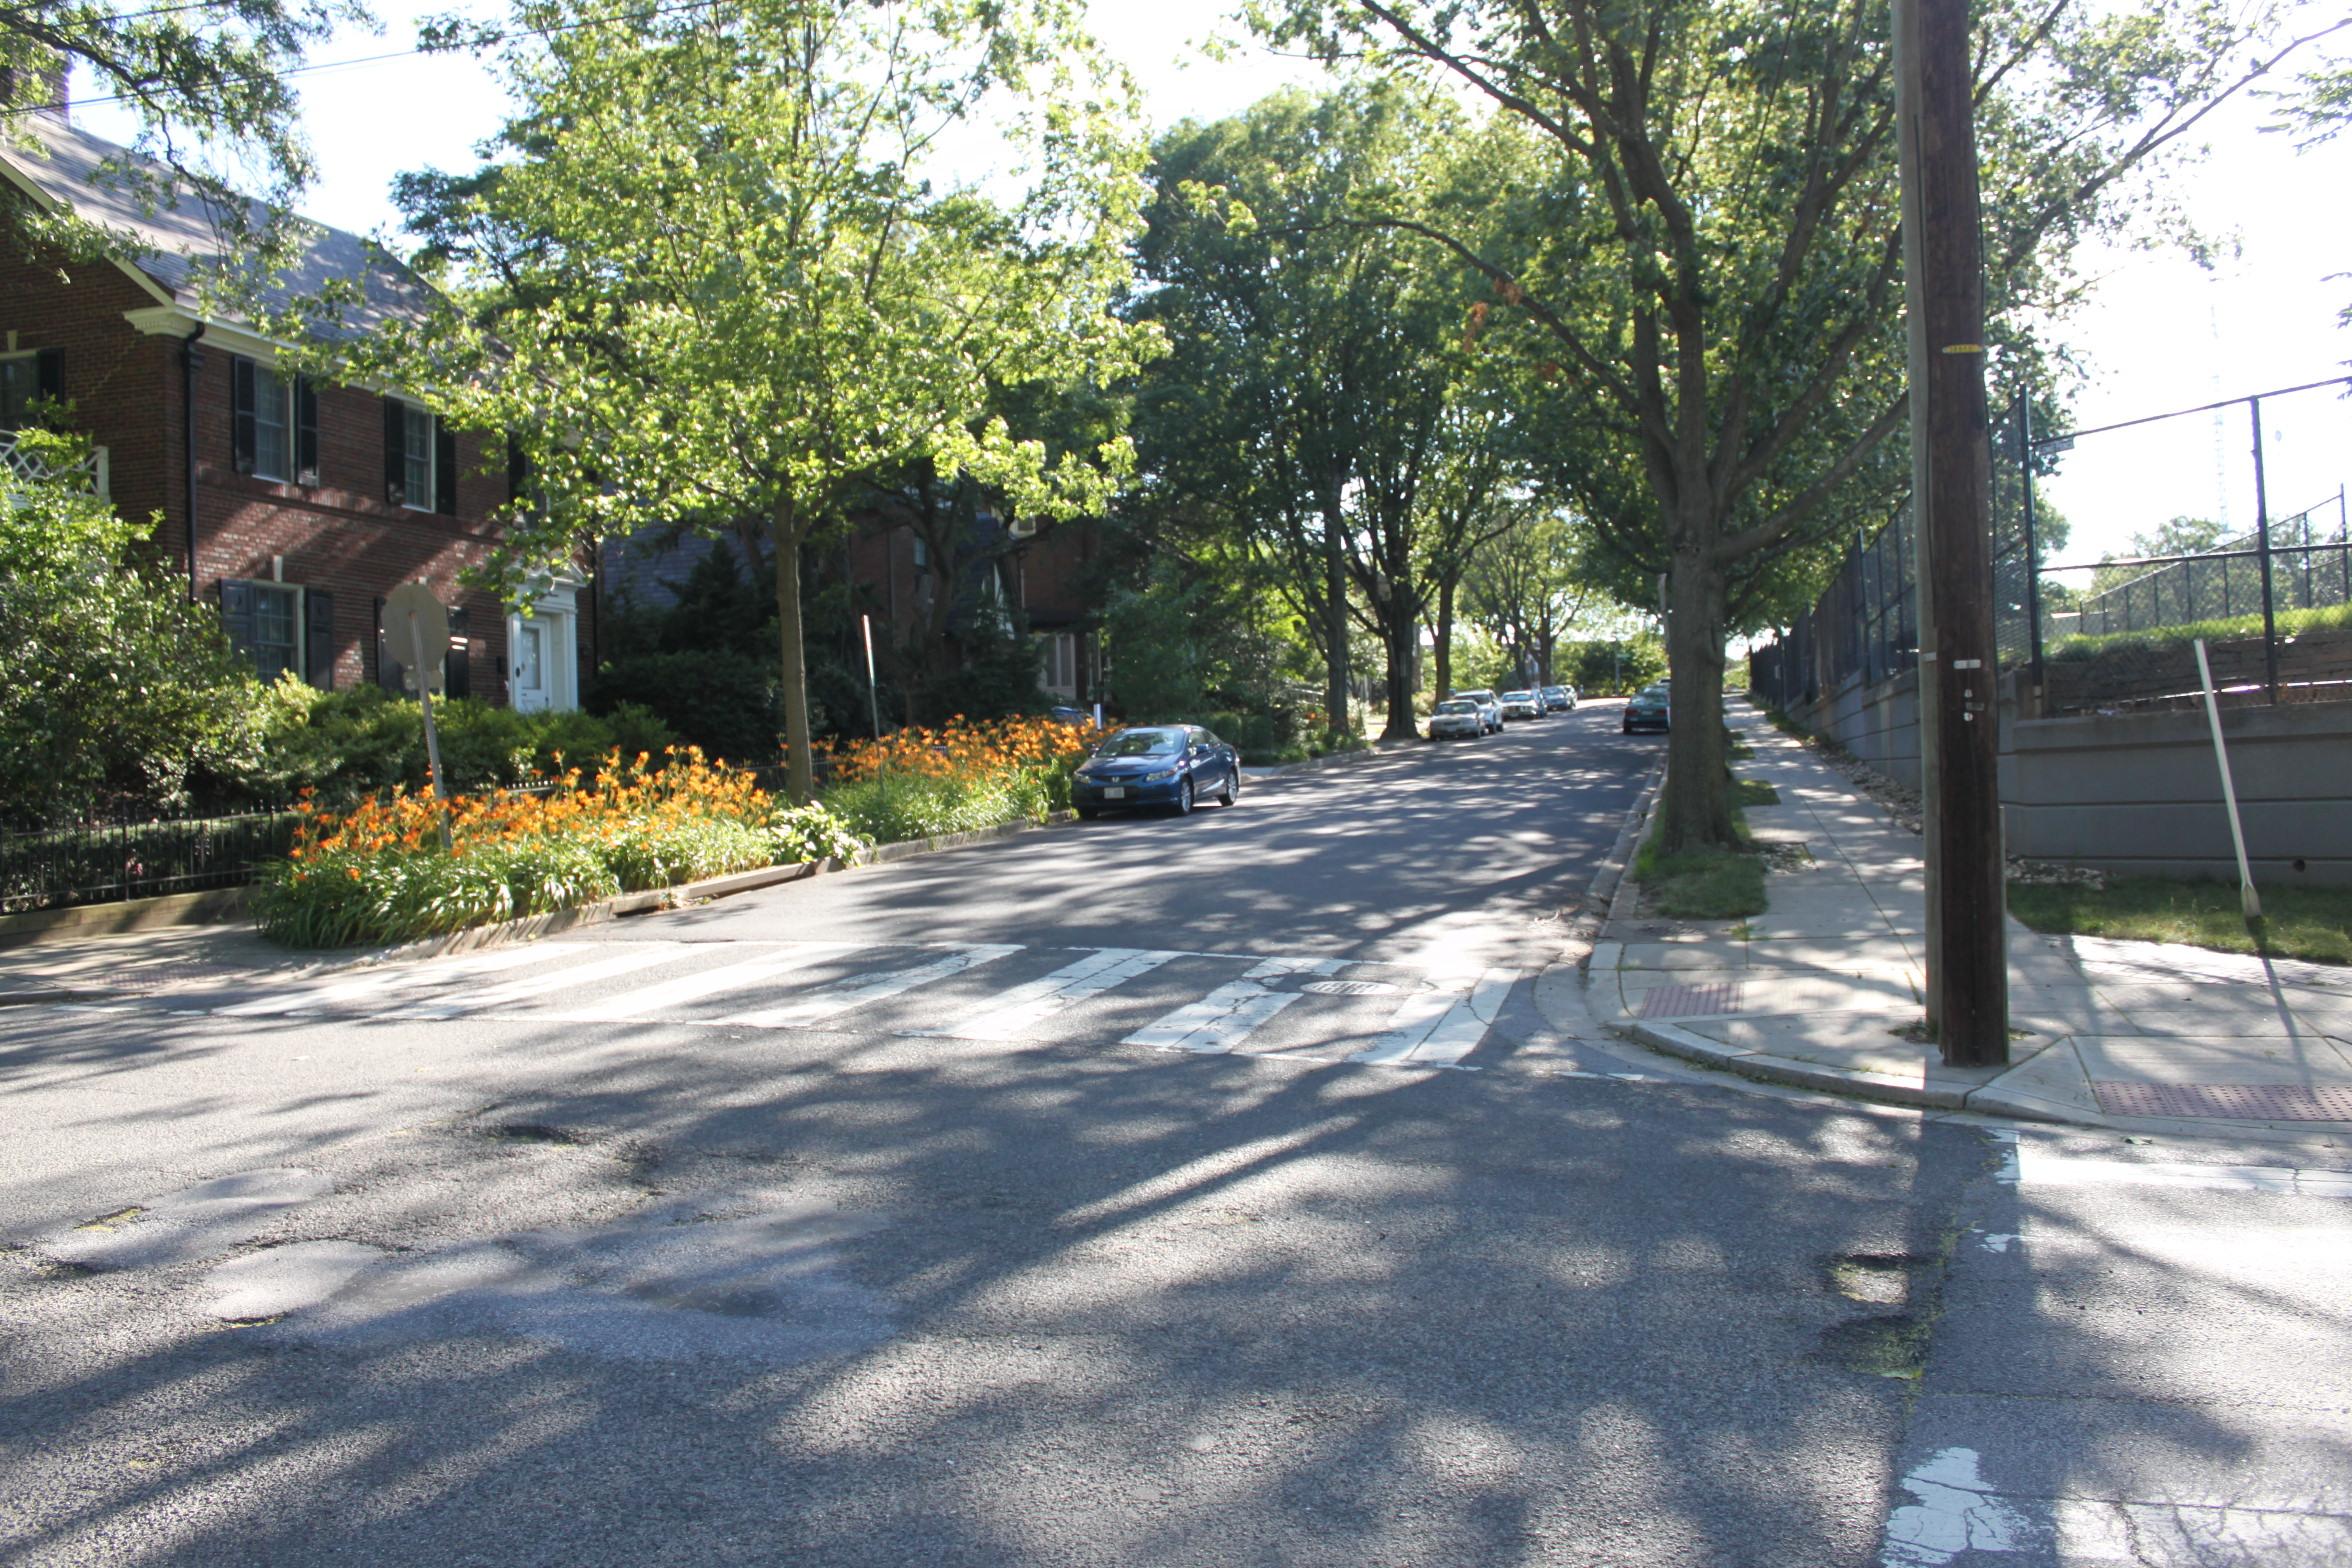 Quebec Street Looking Toward Wisconsin Avenue